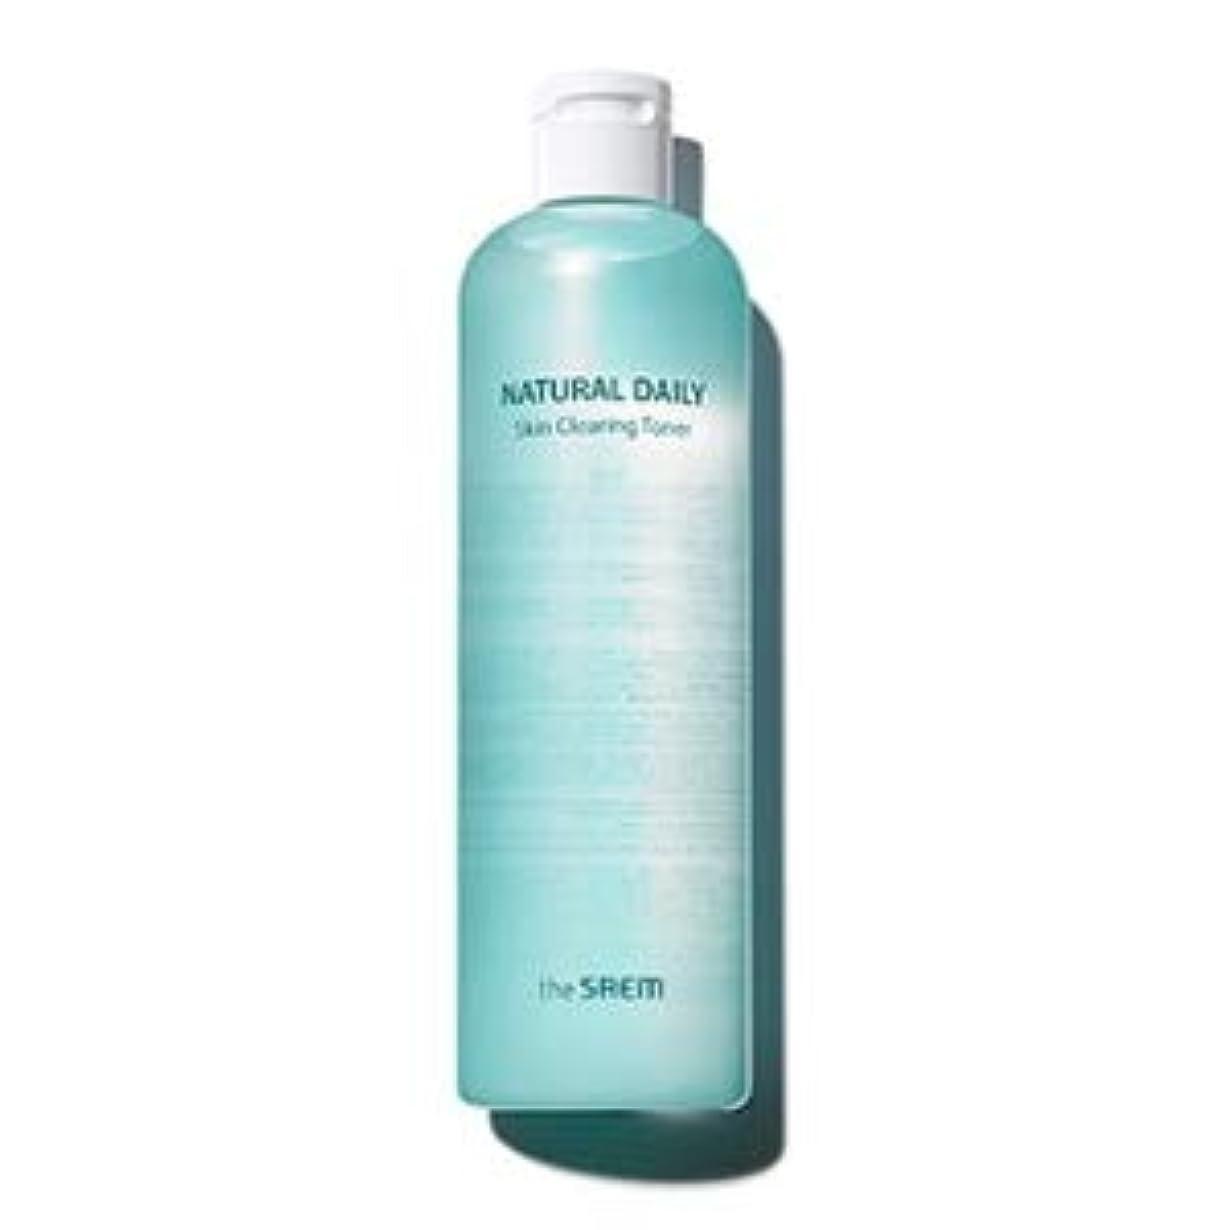 ザセム ナチュラルデイリースキンクリアリングトナー500ml / The Saem Natural Daily Skin Clearing Toner 500ml [並行輸入品]